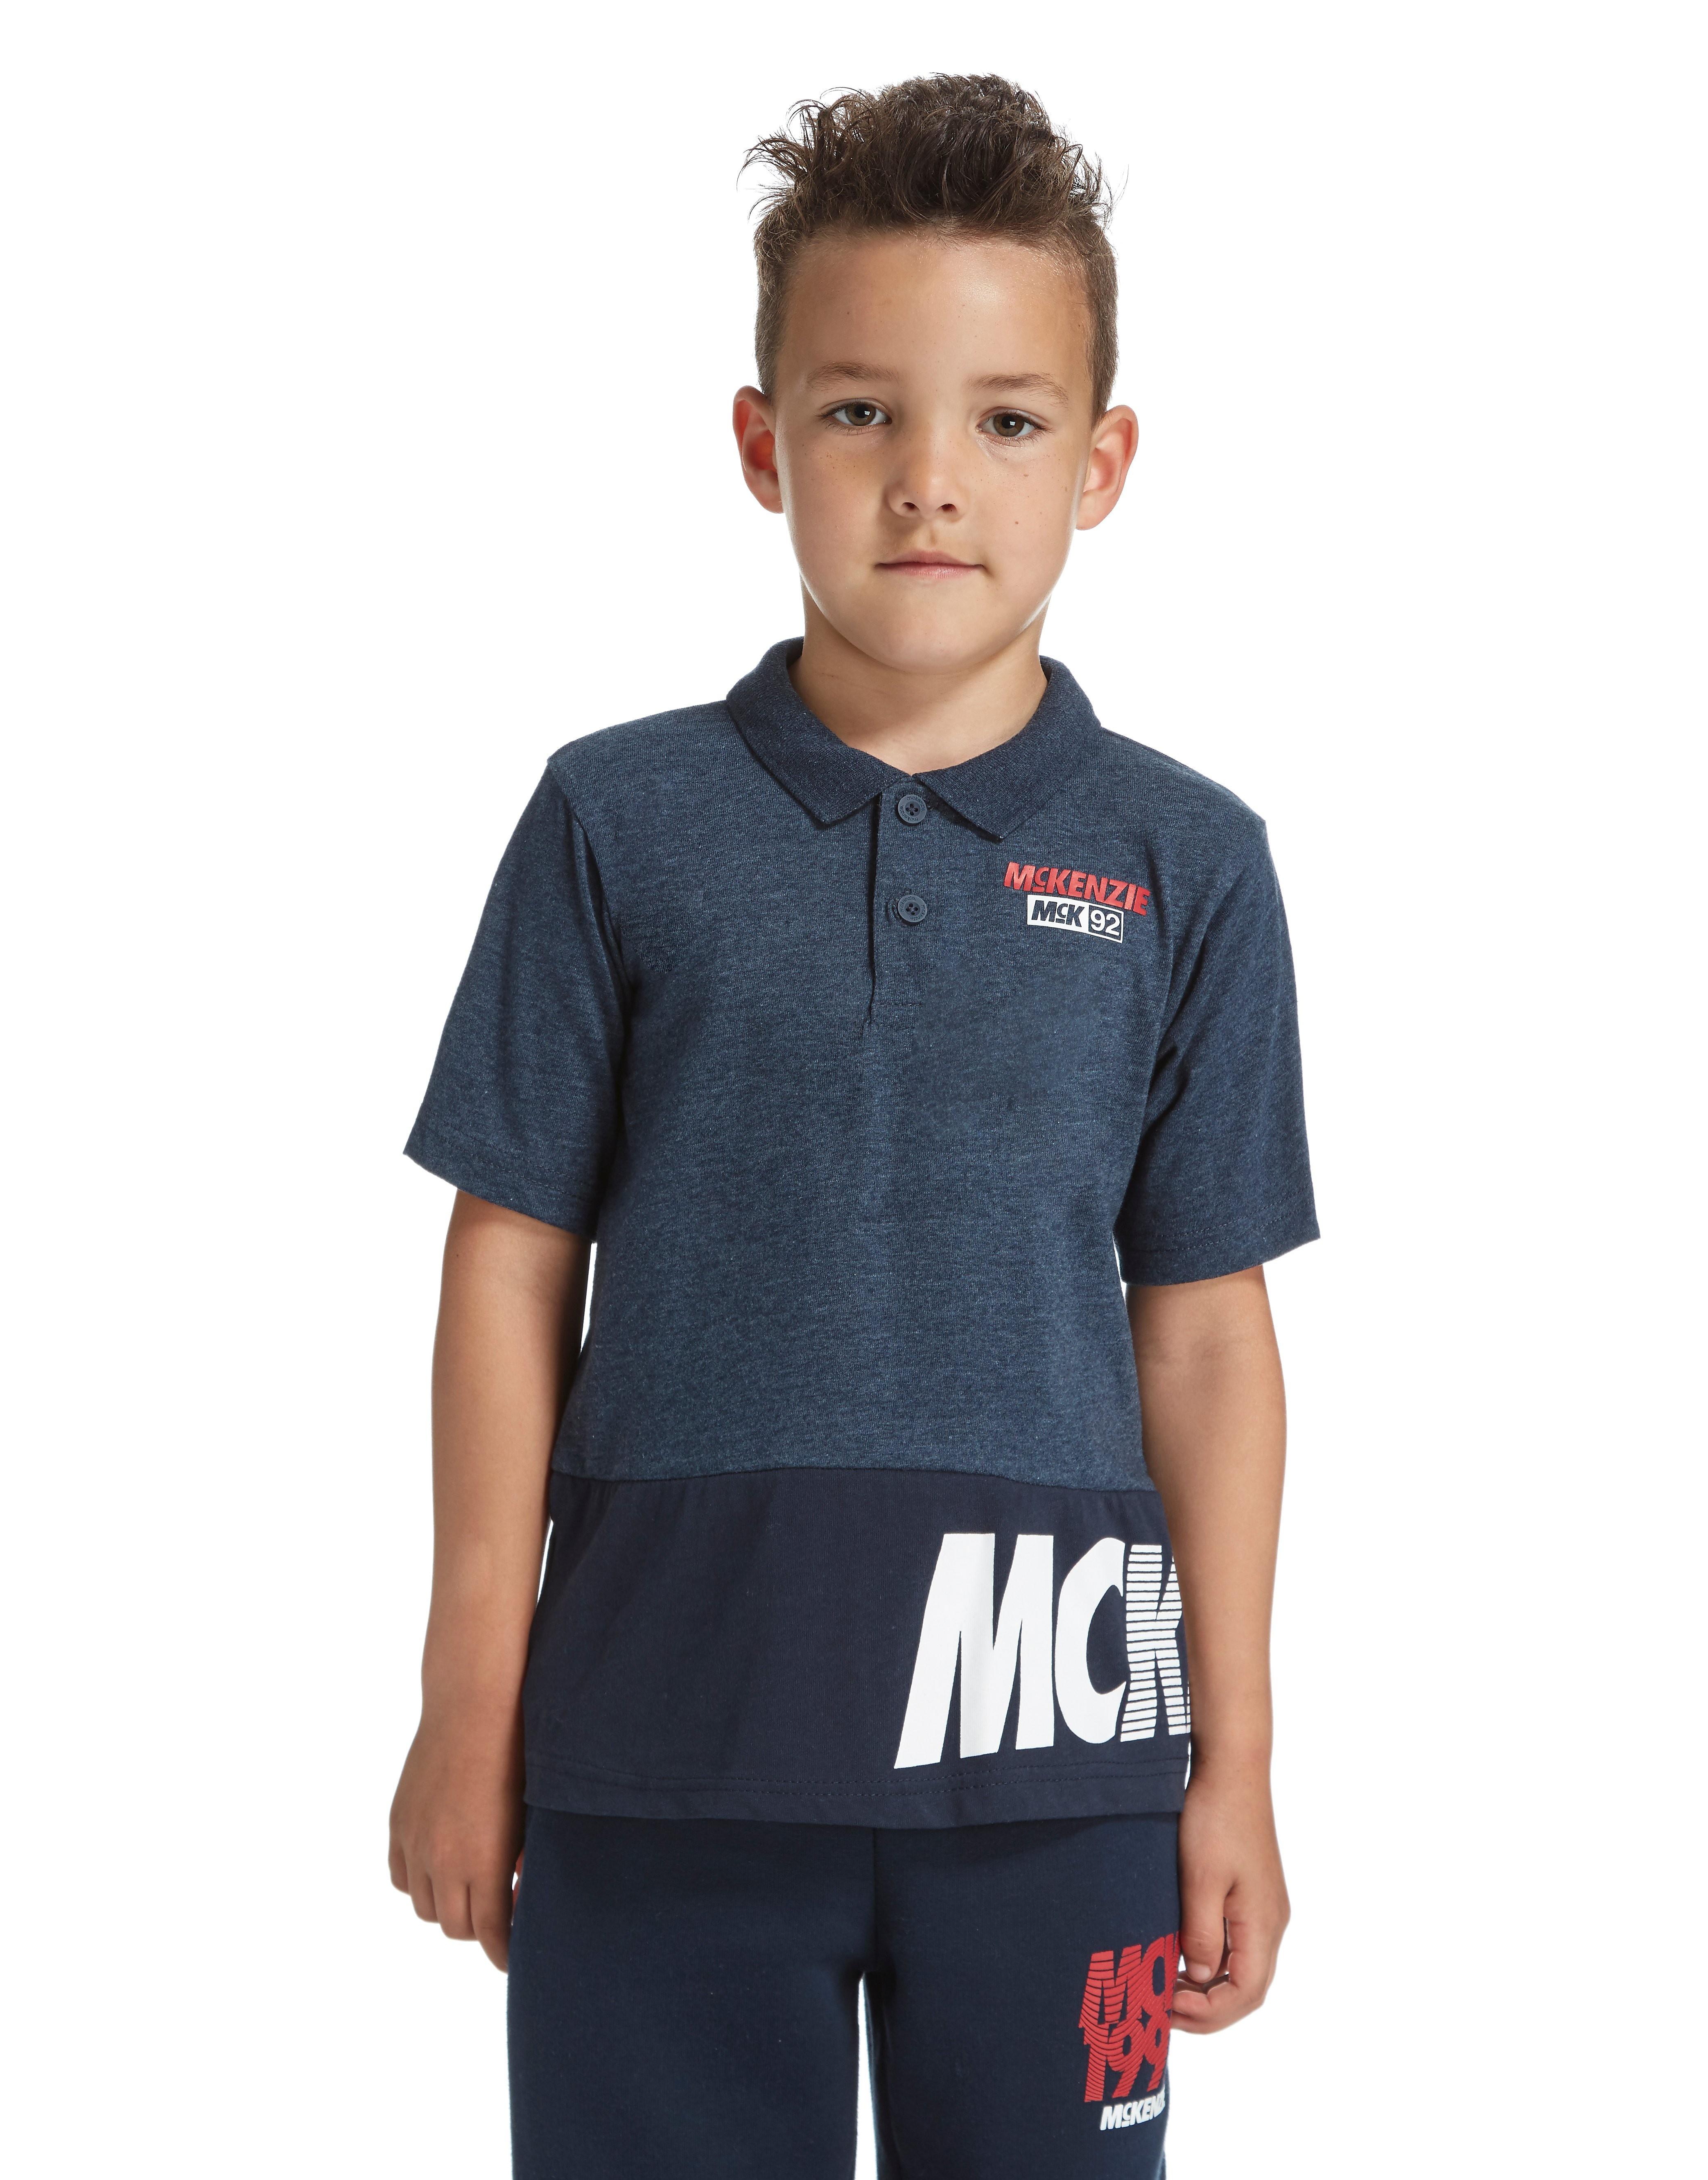 McKenzie Allgood Polo Shirt Children